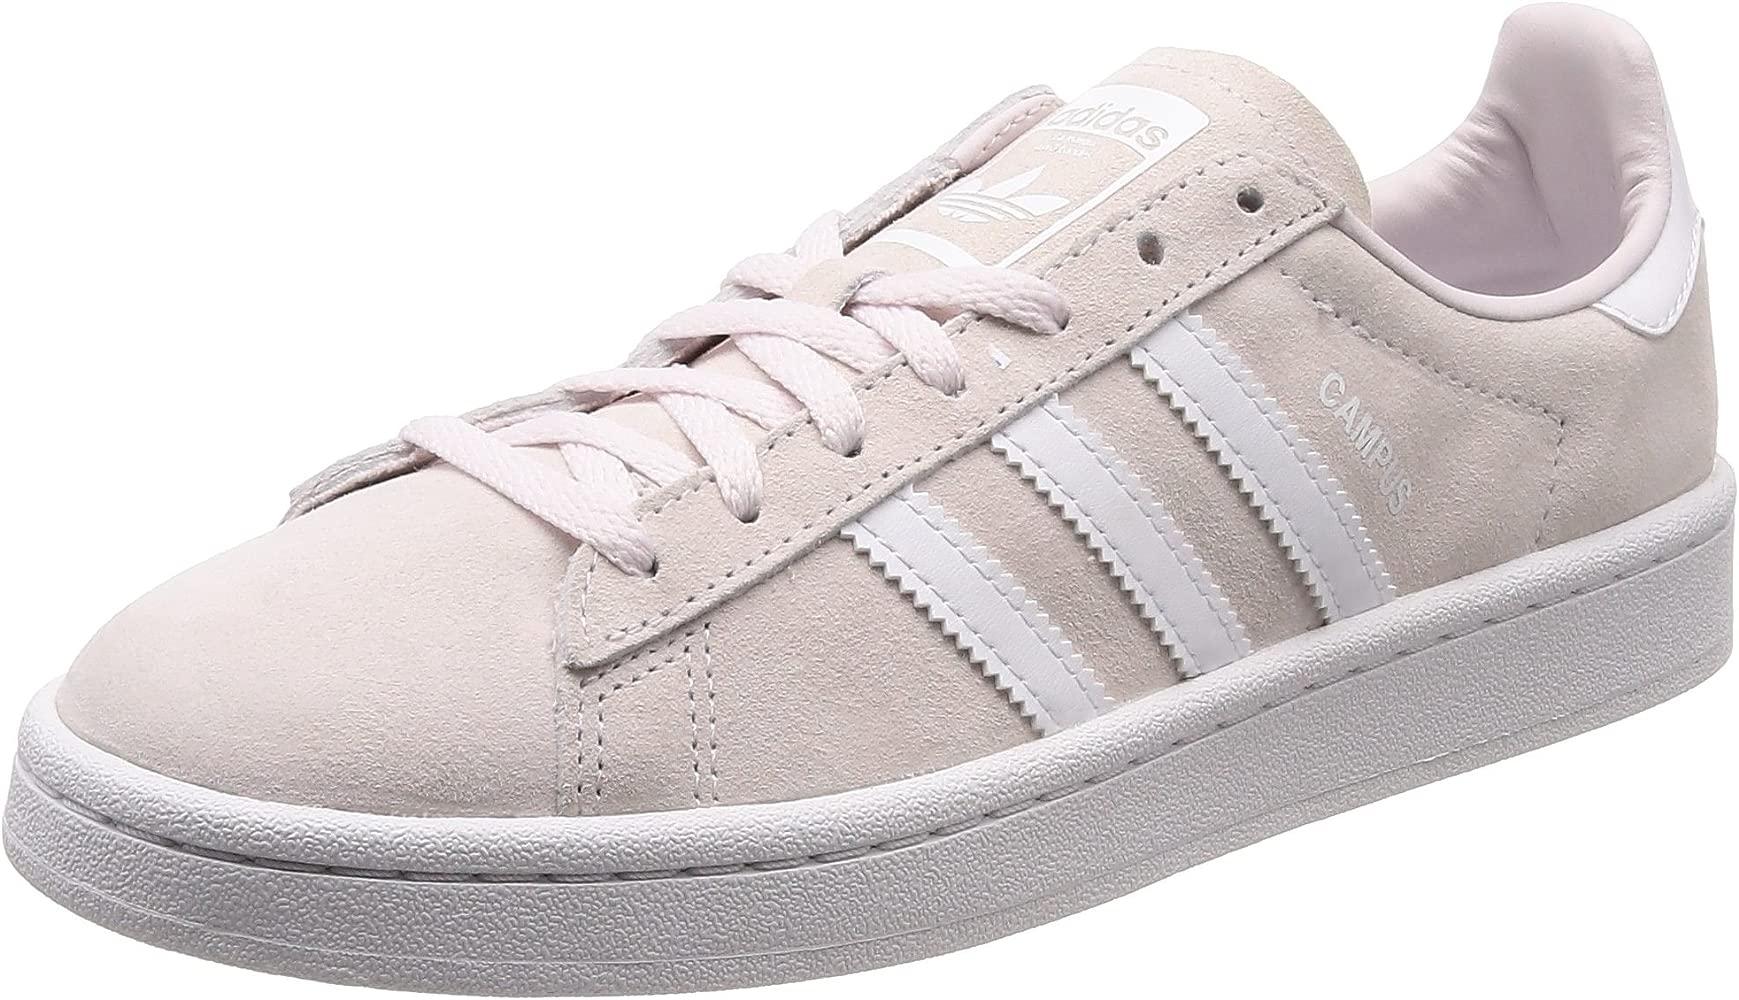 zapatos baloncesto adidas mujer